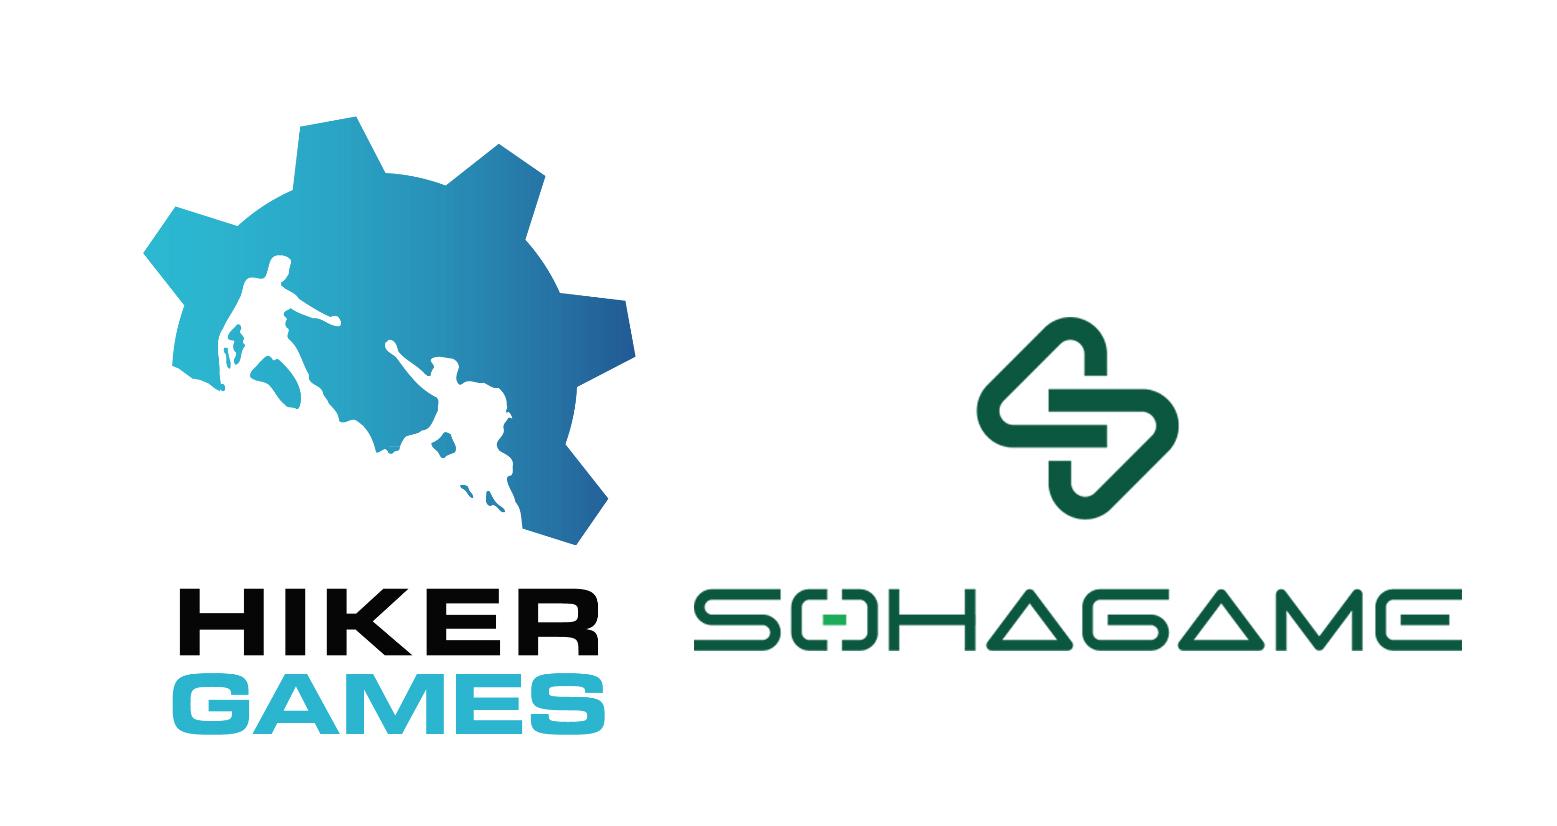 Hiker Games: Tân Minh Chủ là dự án game mobile chi tiết nhất chúng tôi từng làm, tuân theo chuẩn thế giới - Ảnh 2.